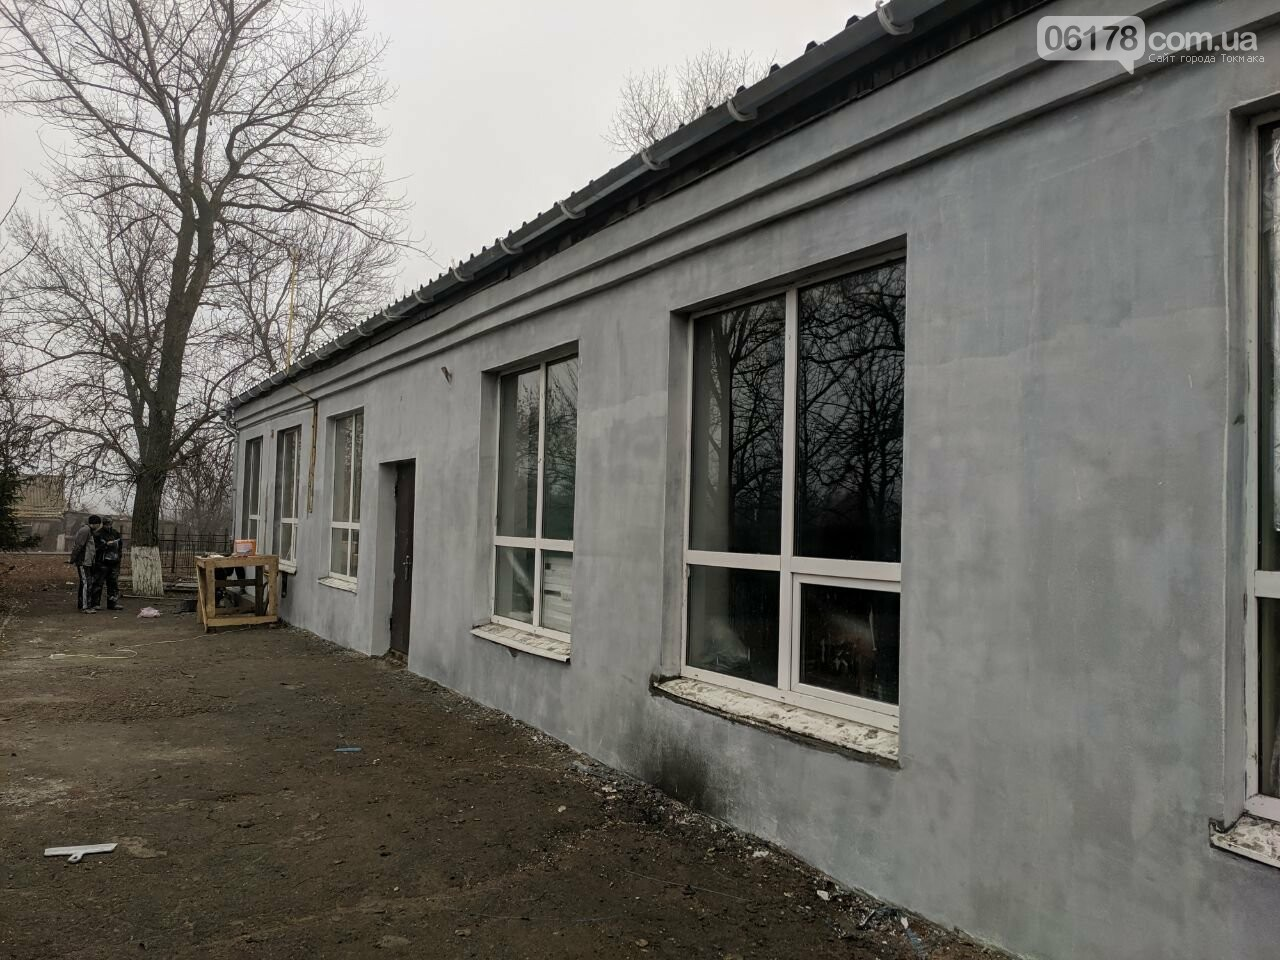 Завершена реконструкция фасадной группы Дома Культуры в поселке Роза, фото-9